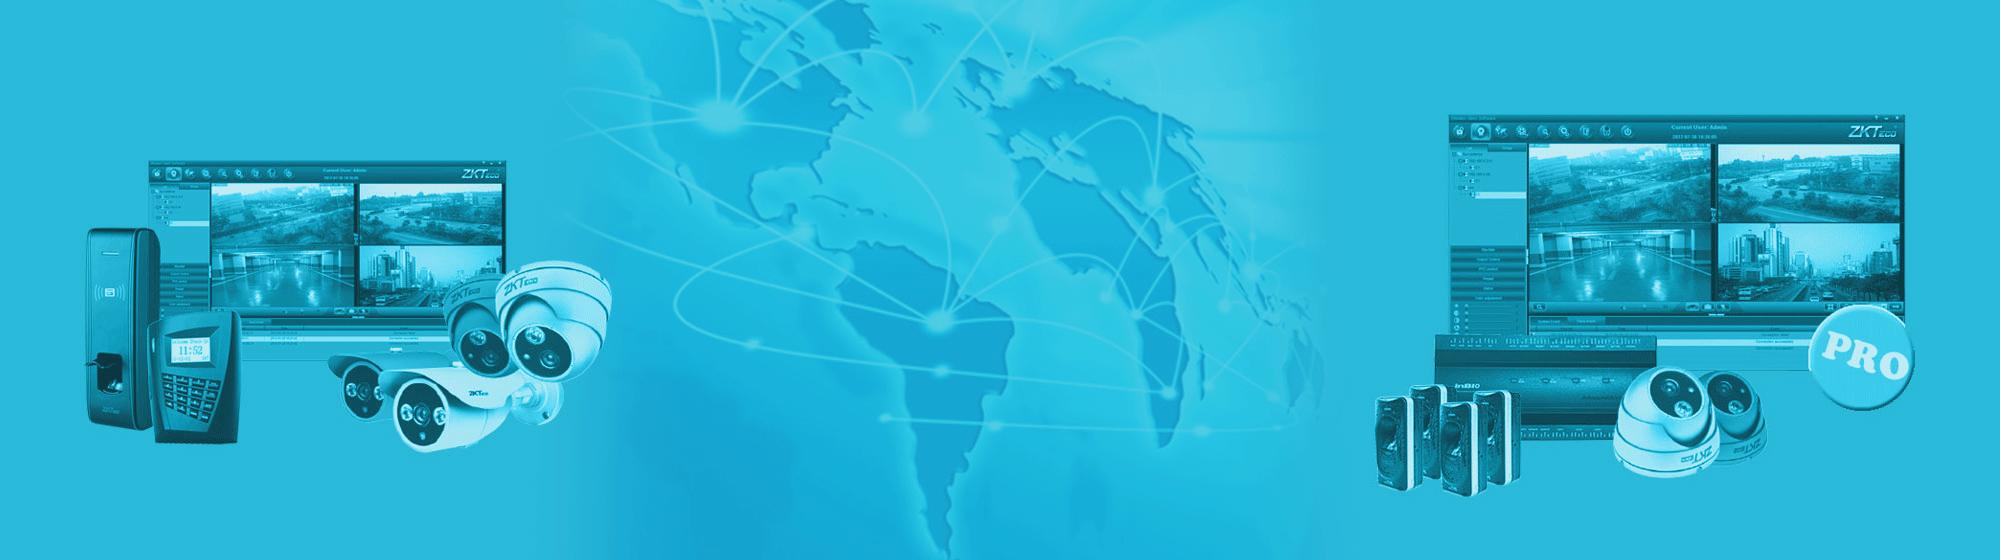 Completa integración entre el sistema de accesos y videovigilancia